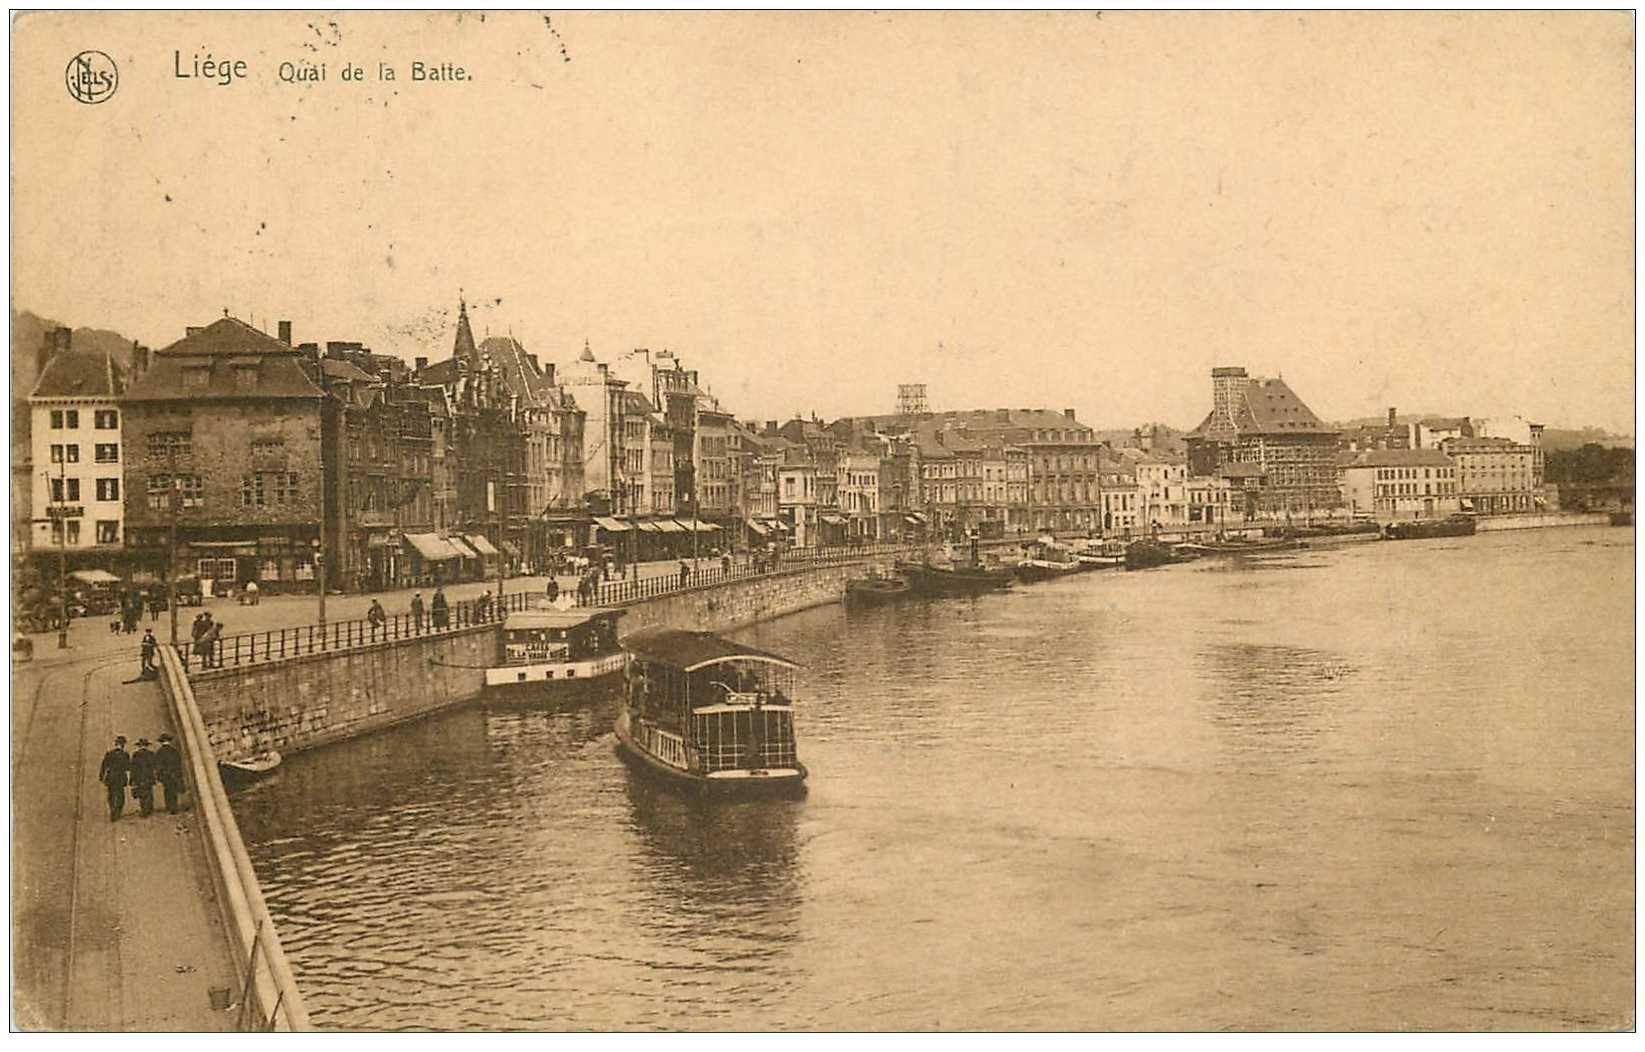 carte postale ancienne LIEGE. Quai de la Batte 1930